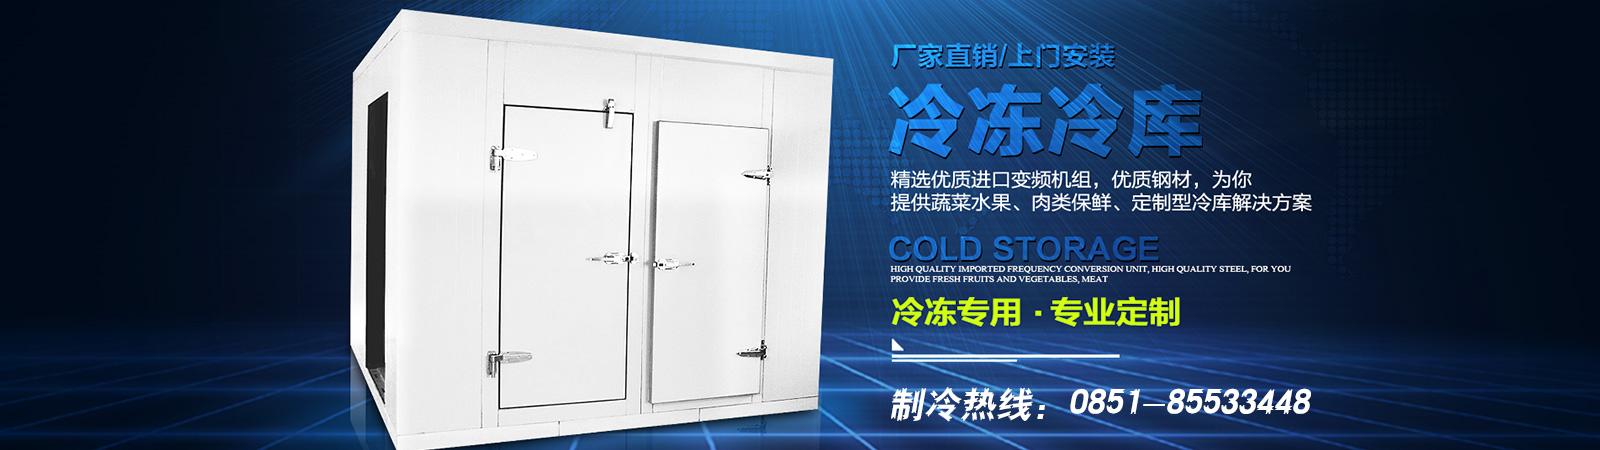 台湾冷庫設計